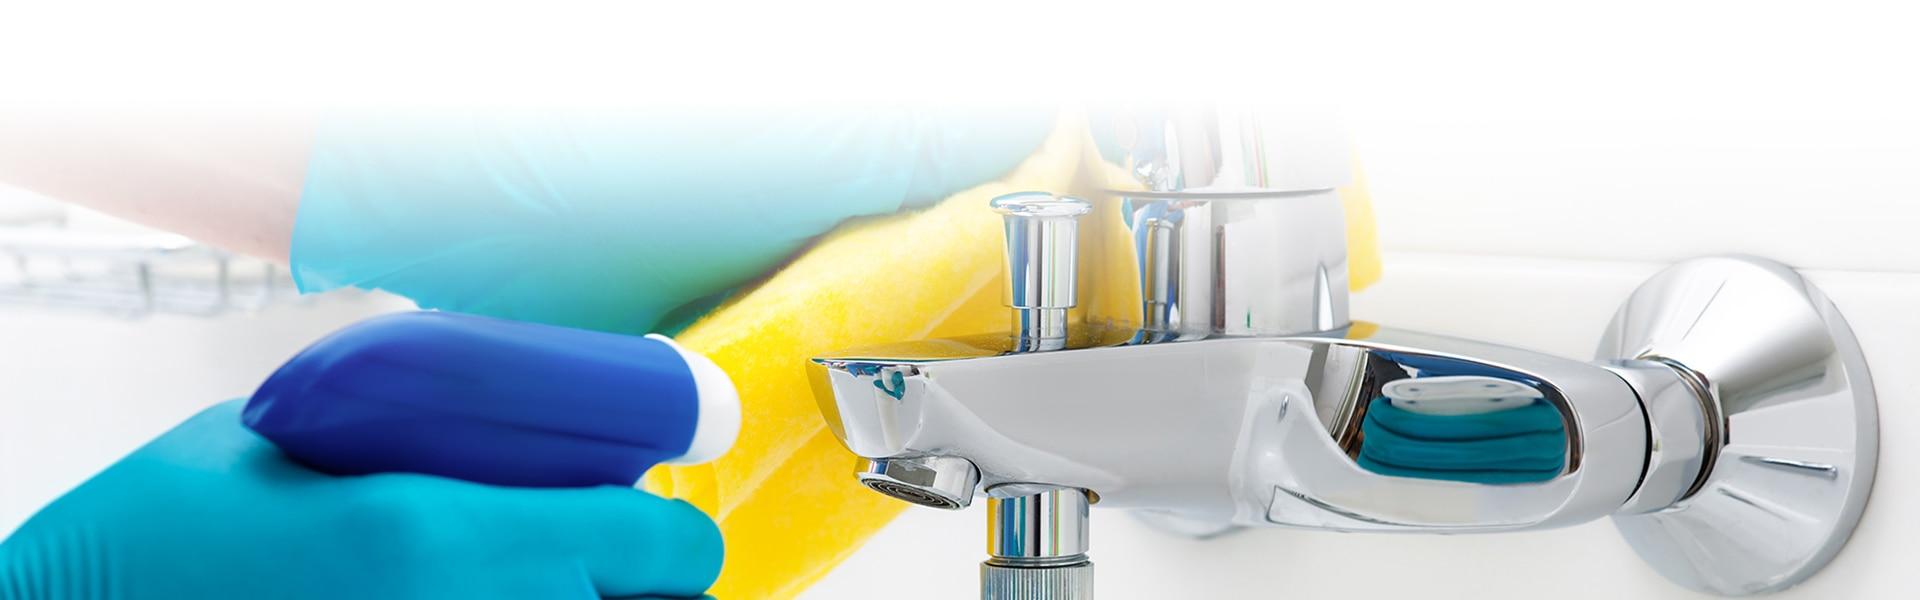 Reinigung von Sanitärflächen